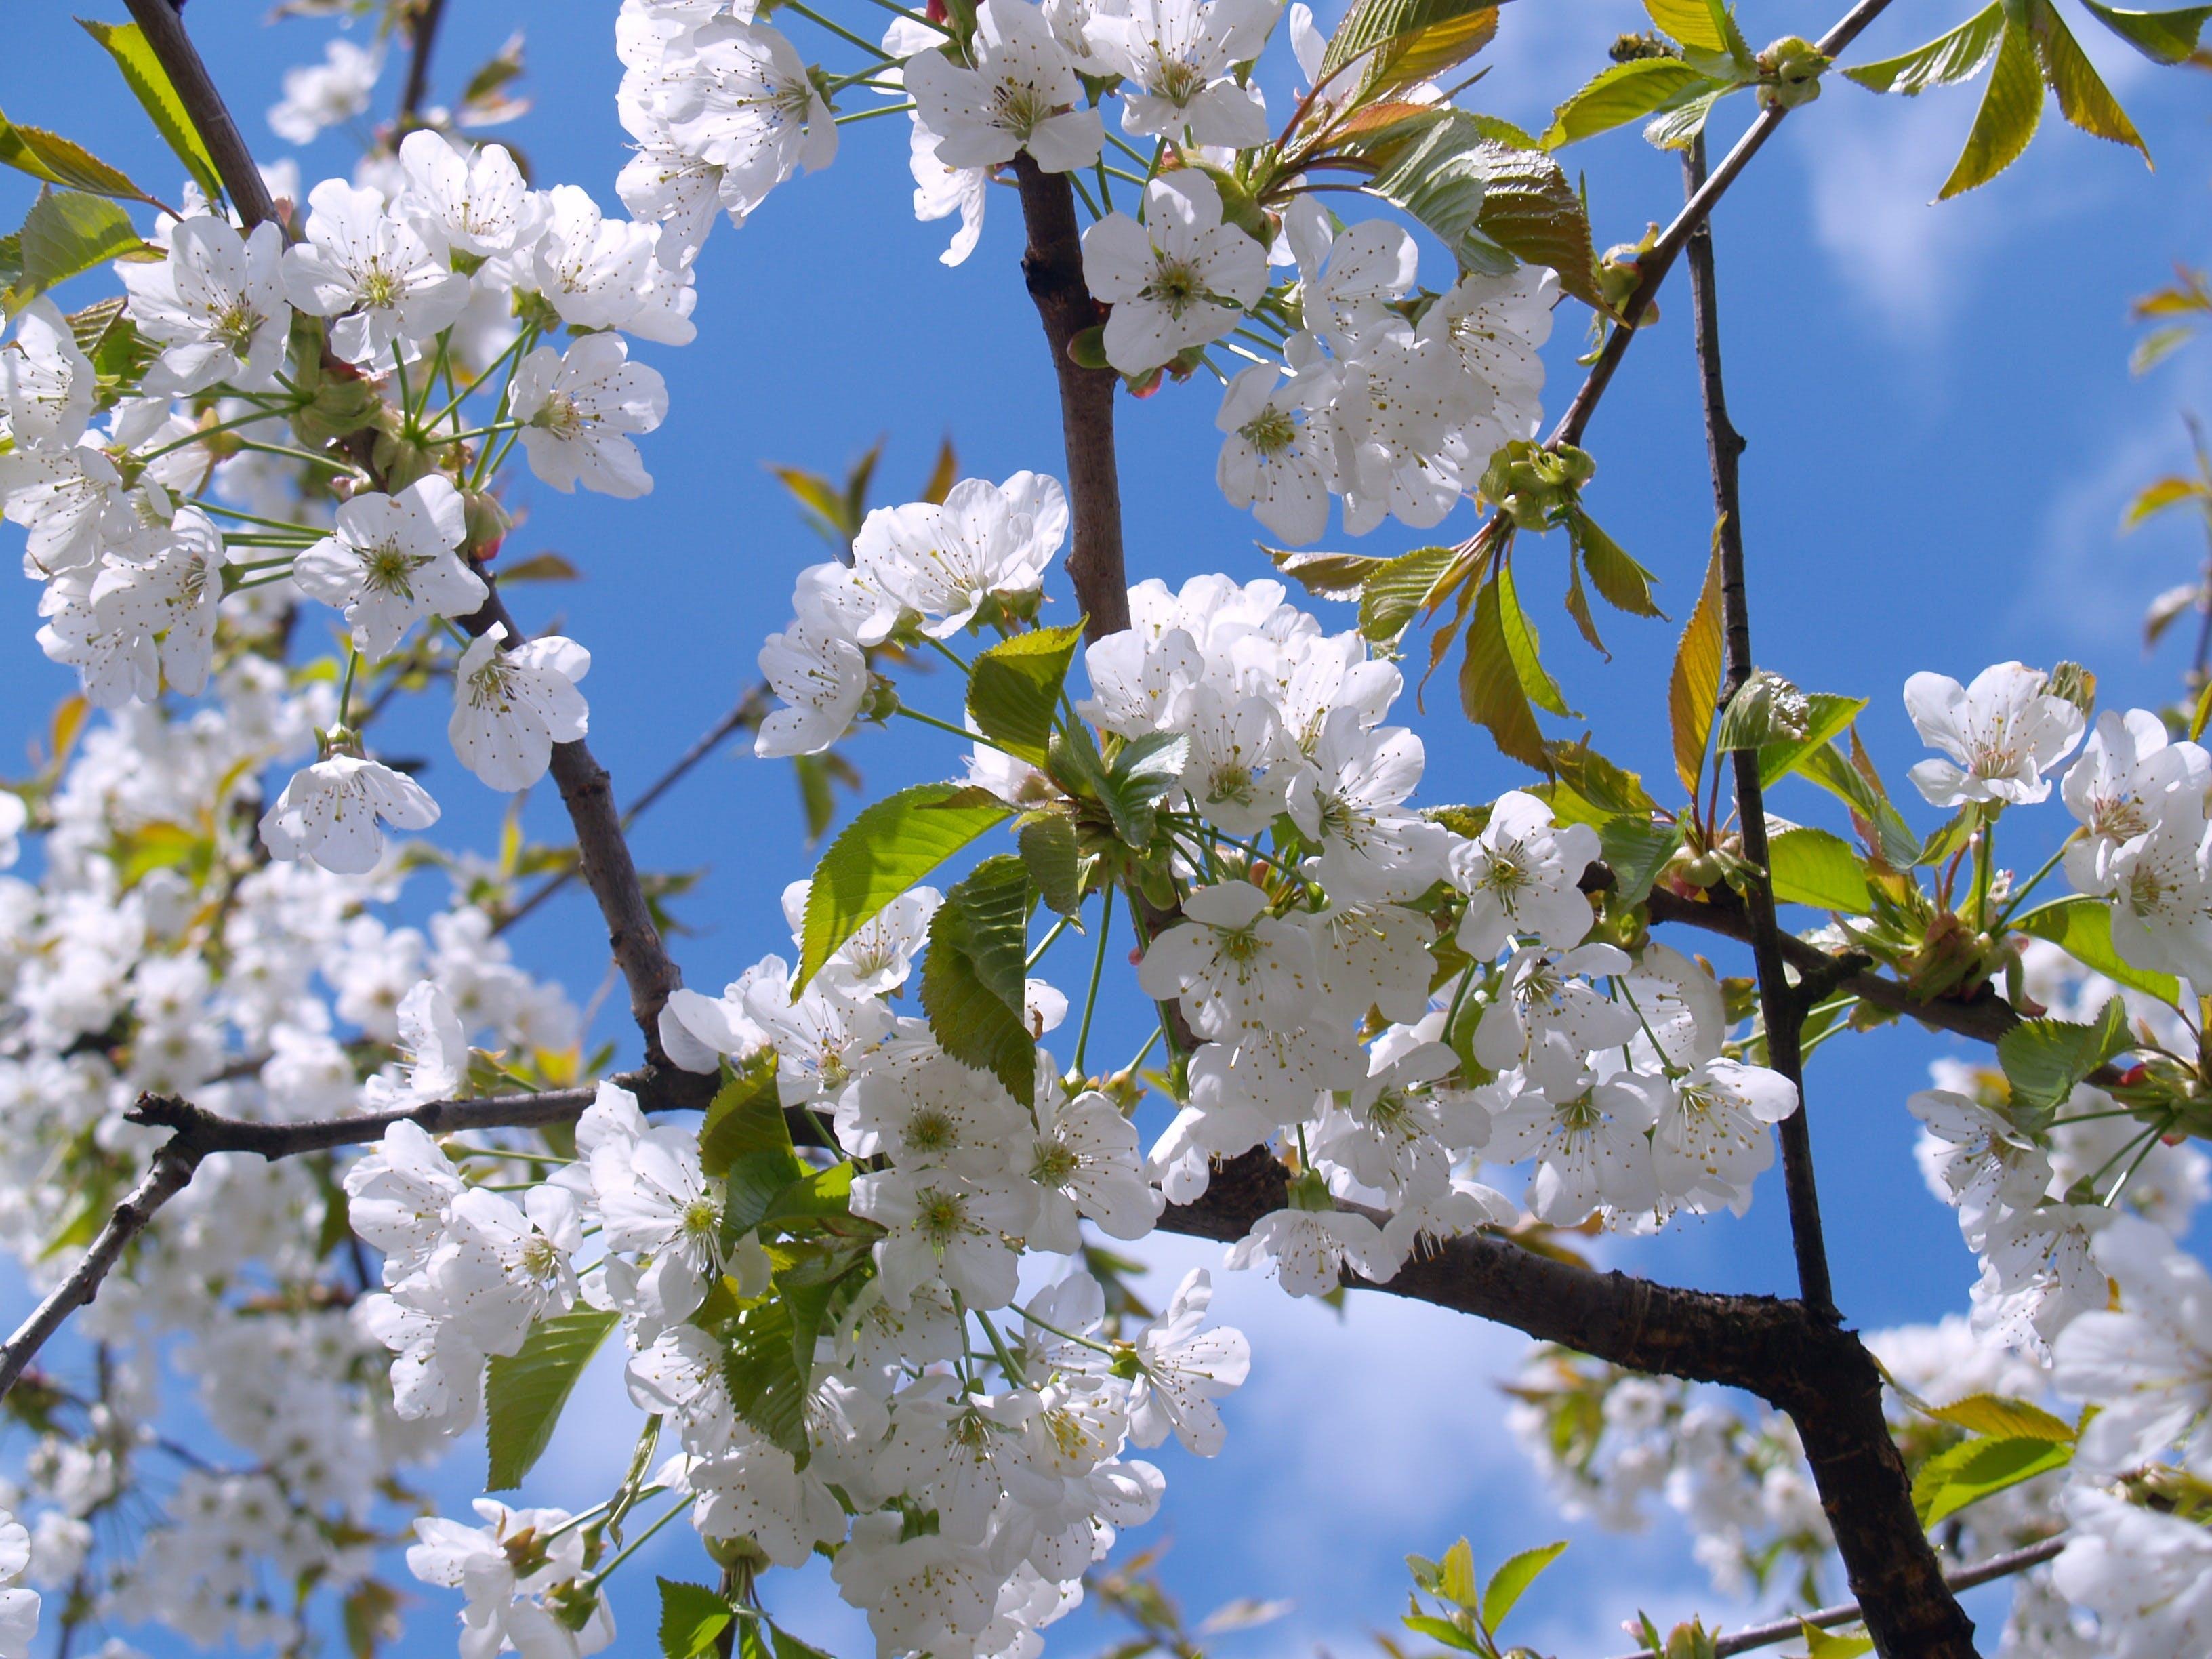 bloom, blossom, cherry blossom